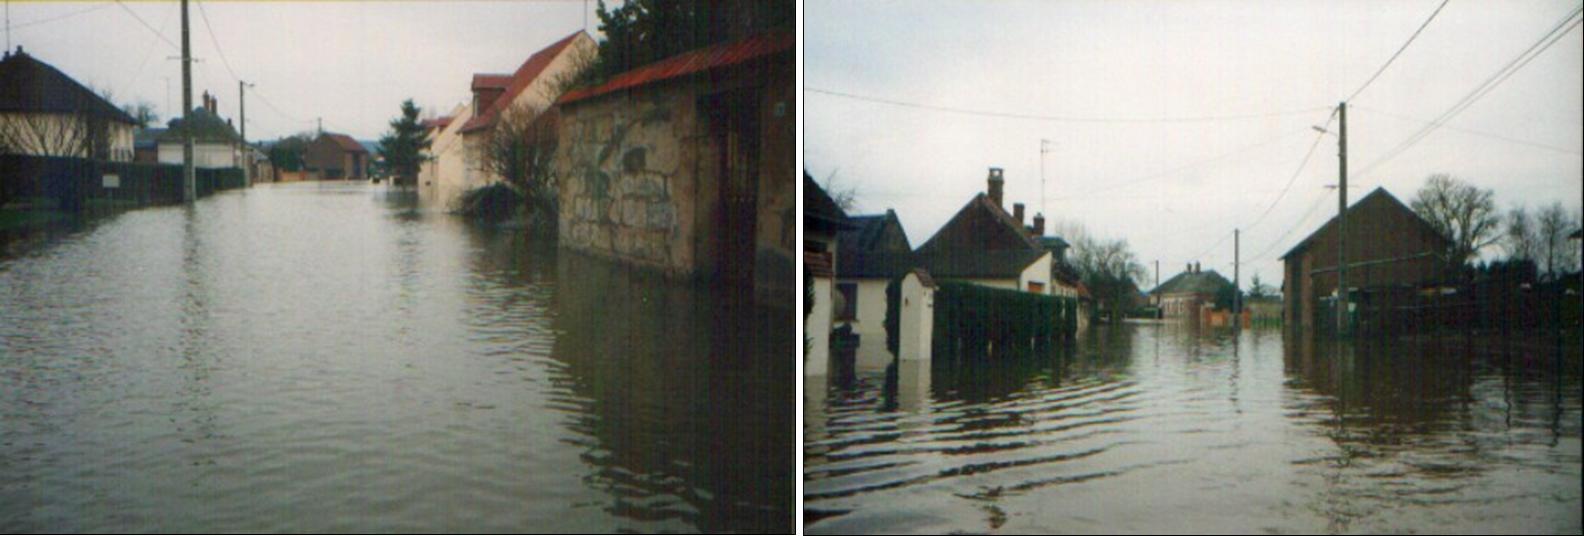 M. le préfet : Inondation rue des Hurteaux Varesnes